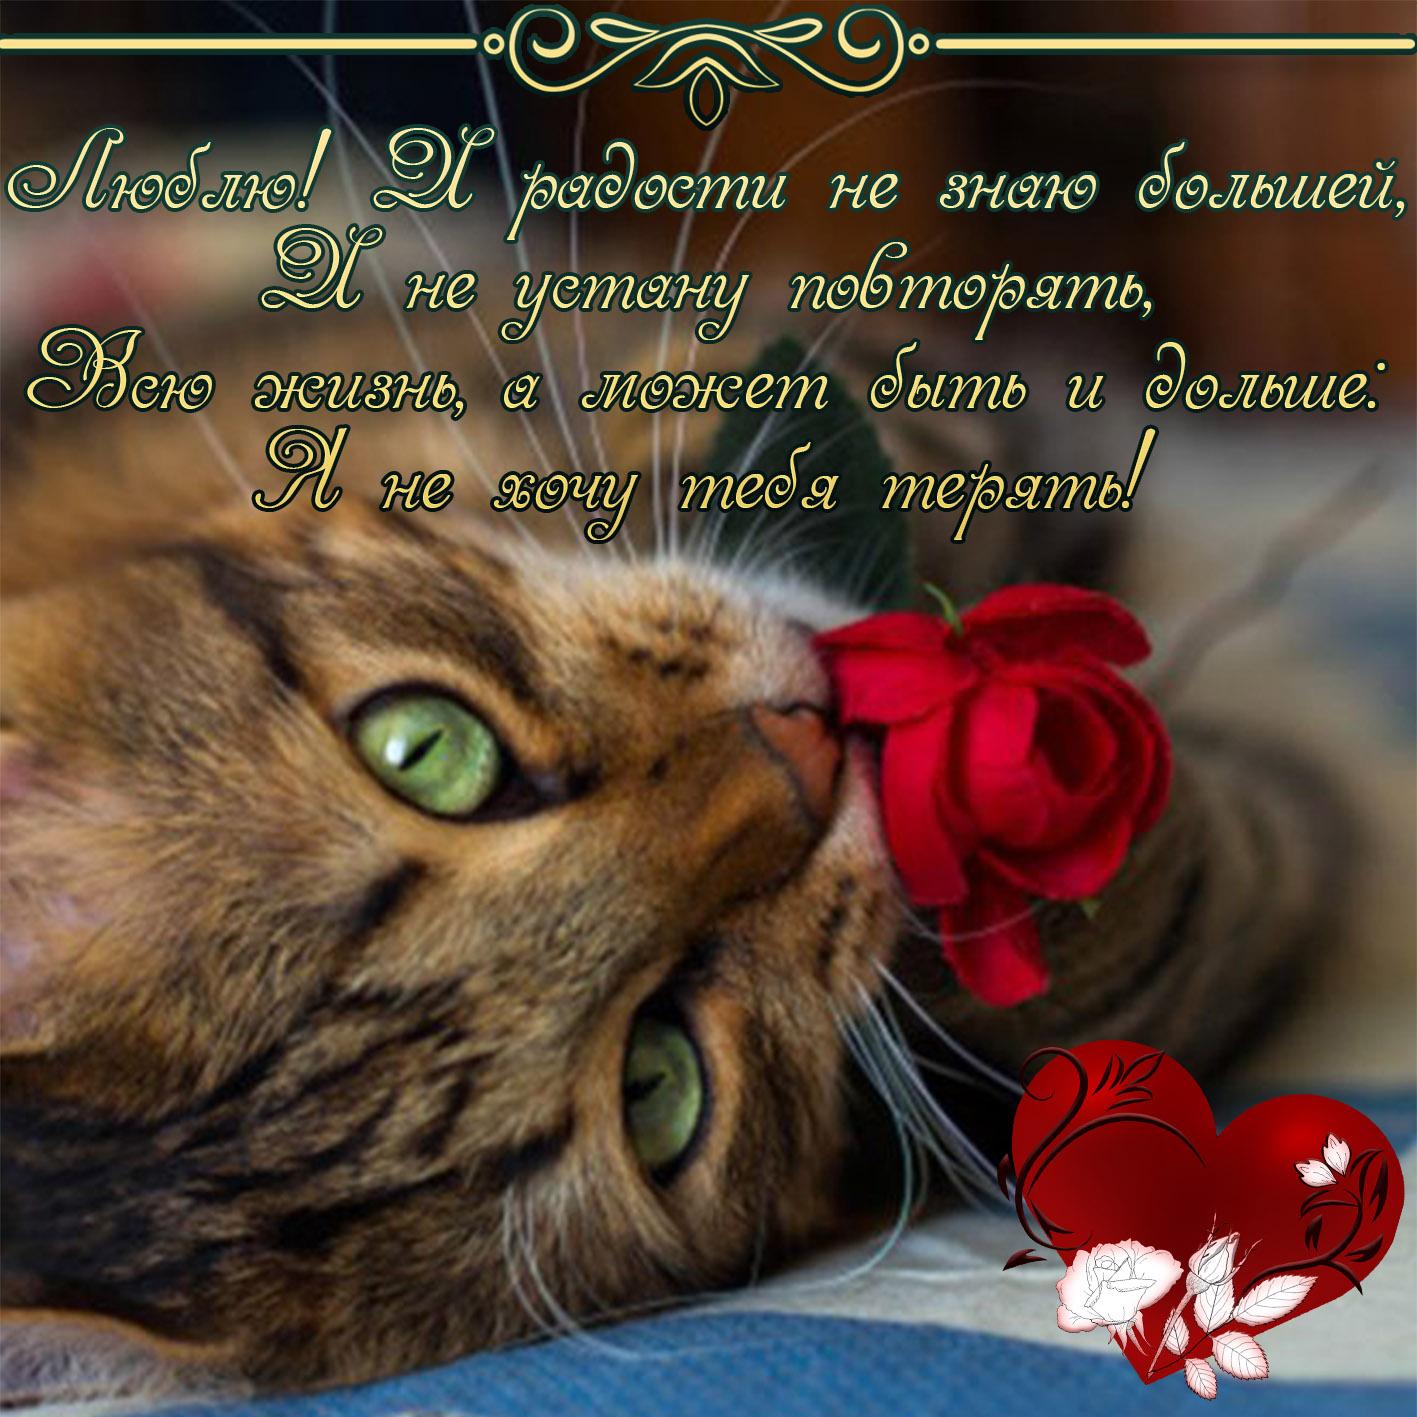 Мая, любимая кошечка открытка